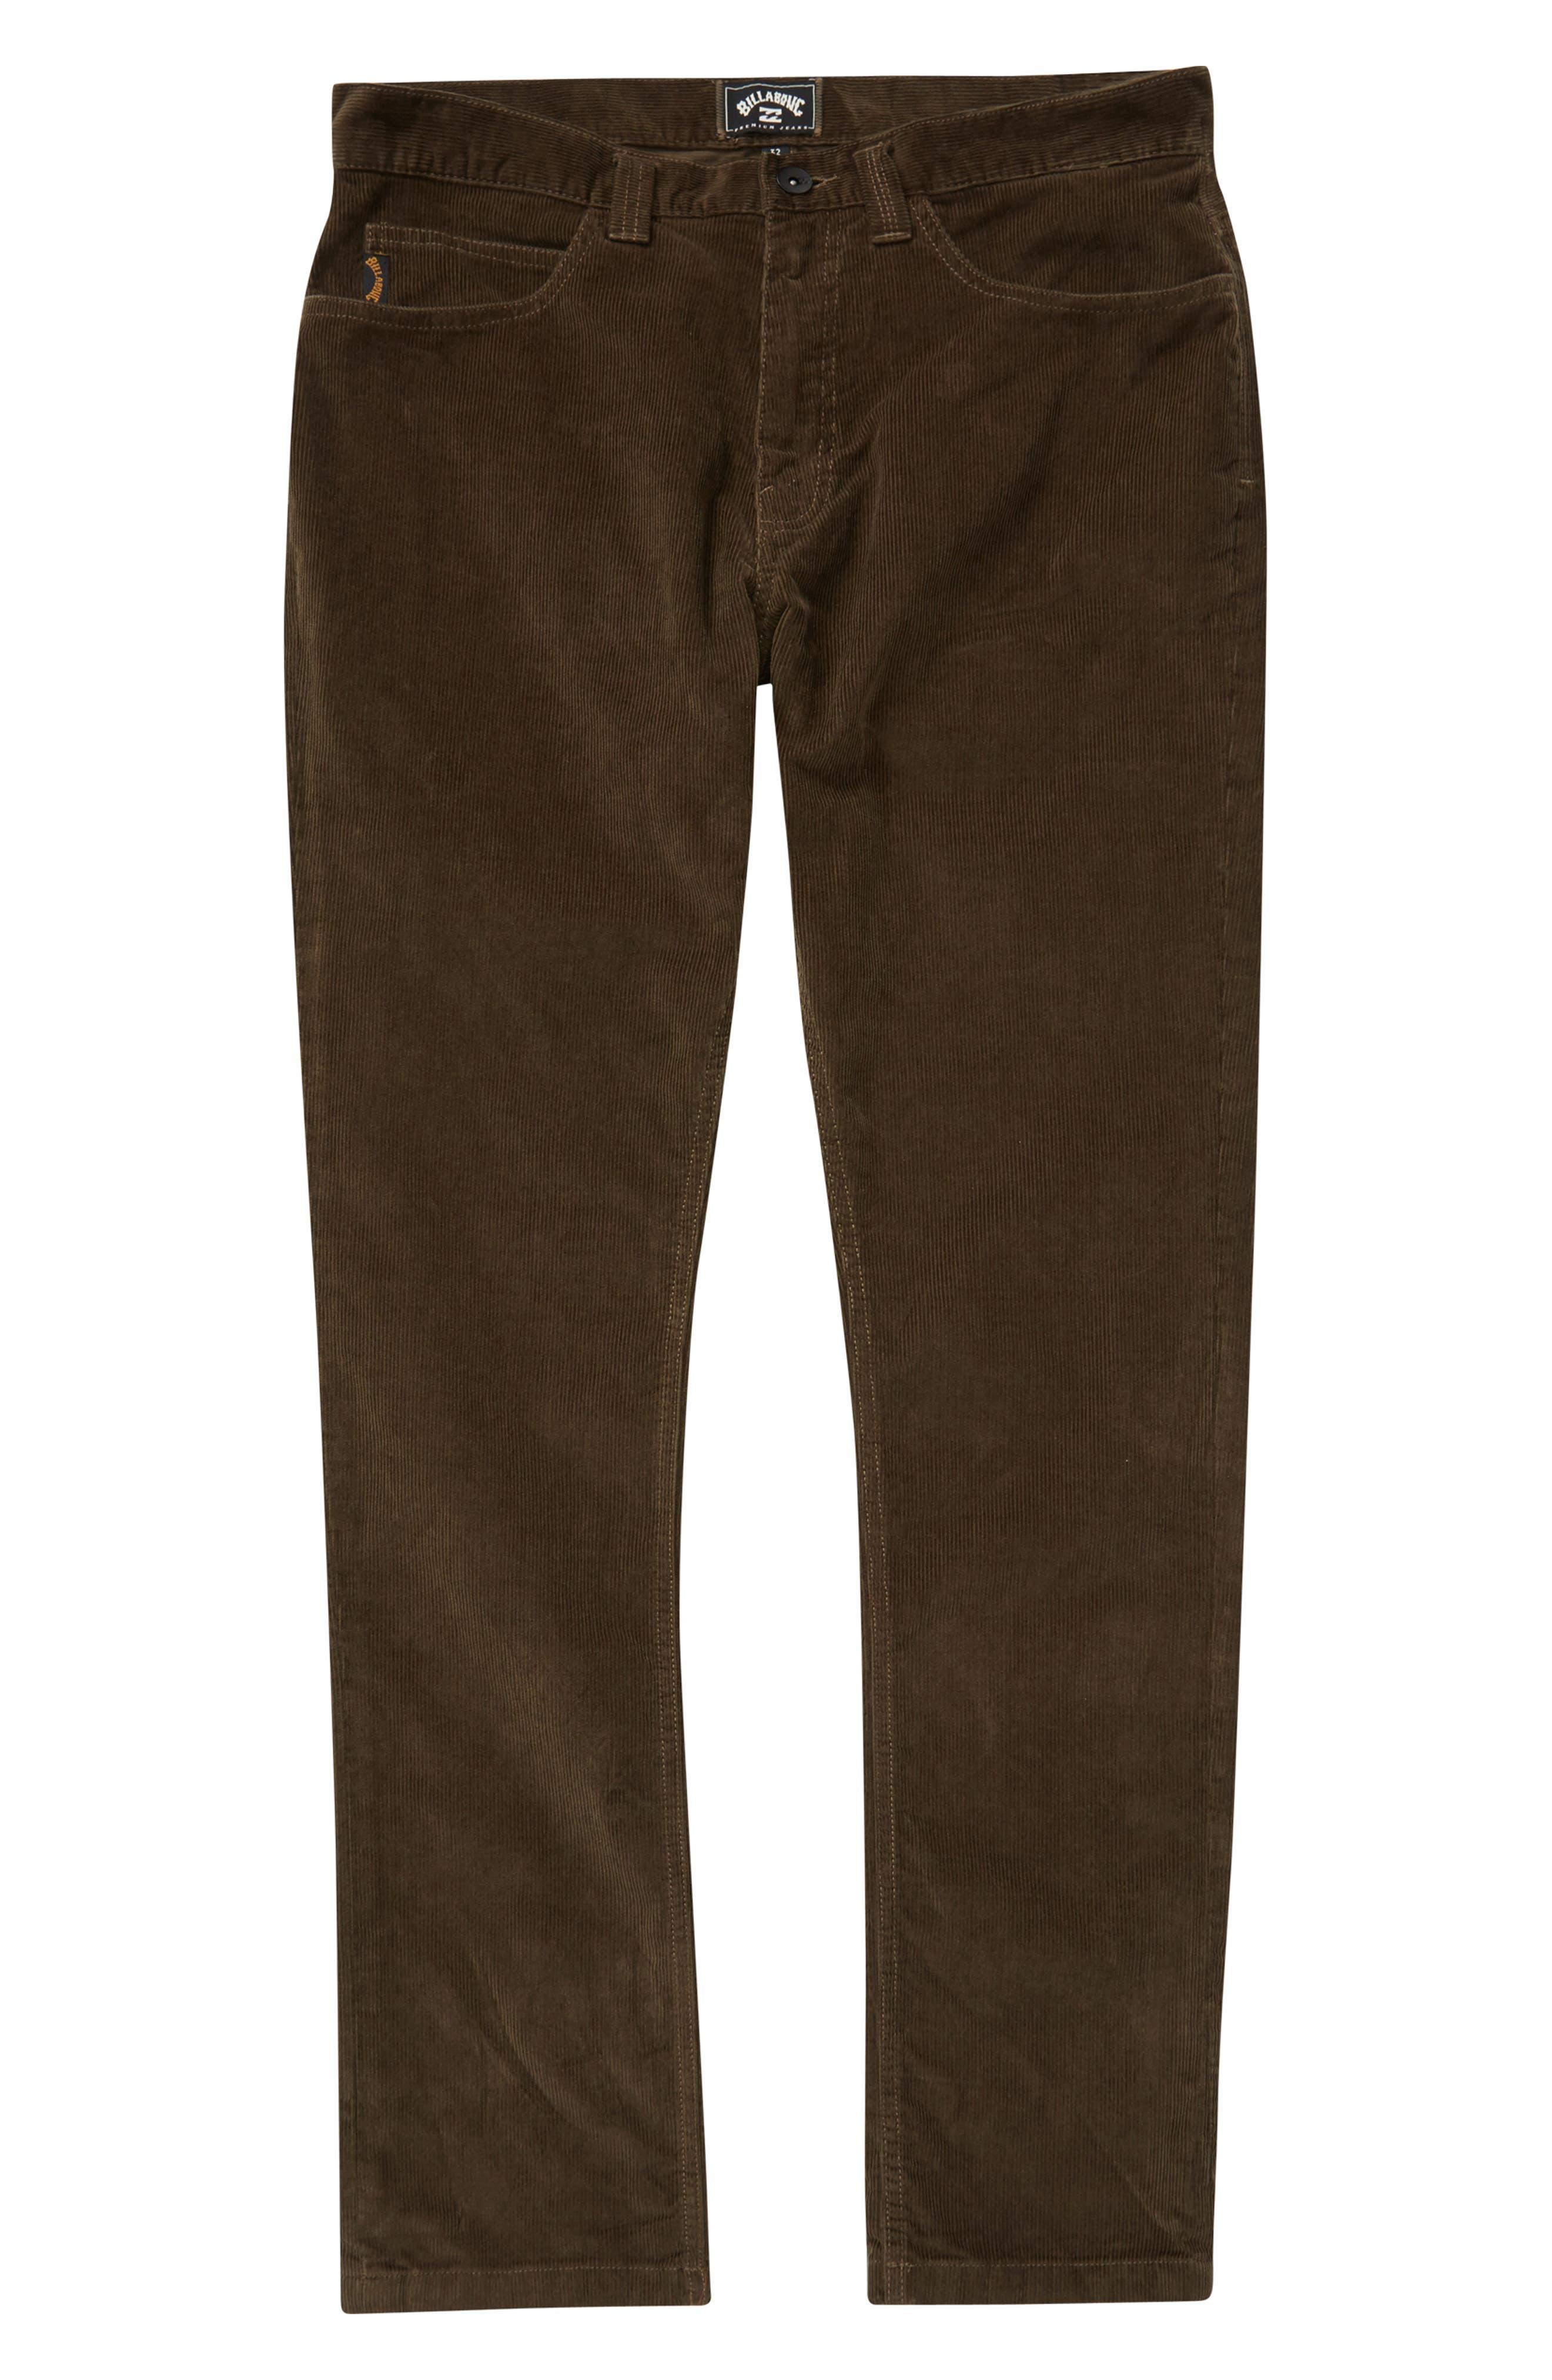 Outsider Corduroy Pants,                             Main thumbnail 1, color,                             COFFEE